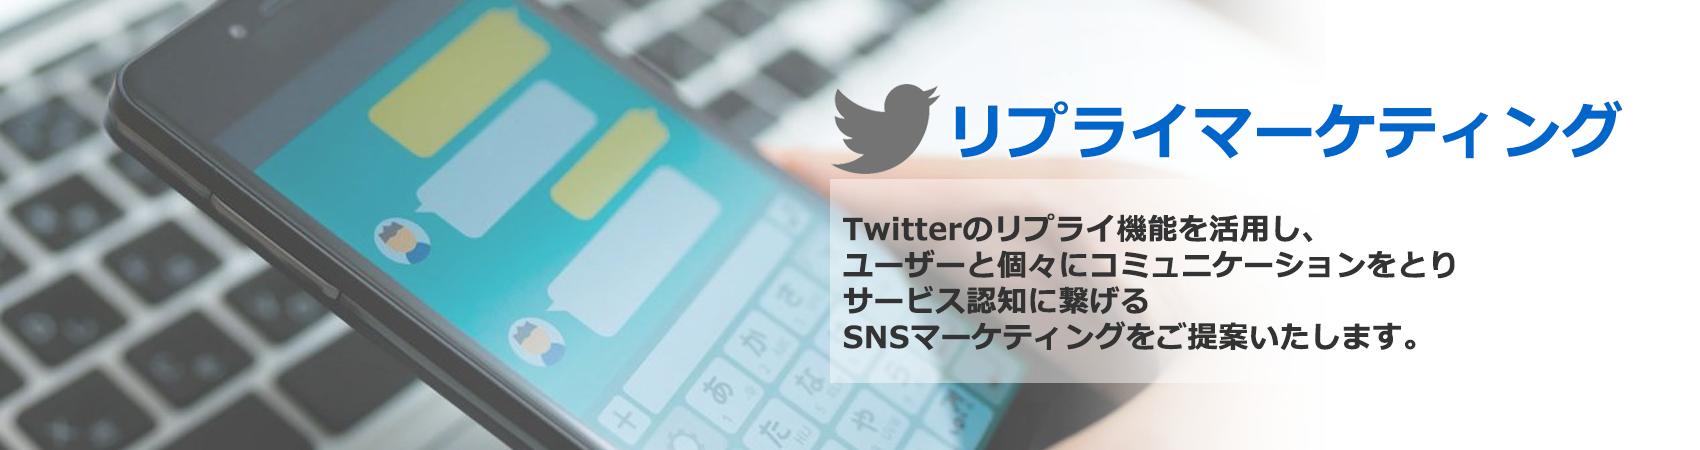 adishのリプラマーケティング:Twitterのリプライ機能を活用し潜在顧客へアプローチする、新しSNSマーケティングをご提案